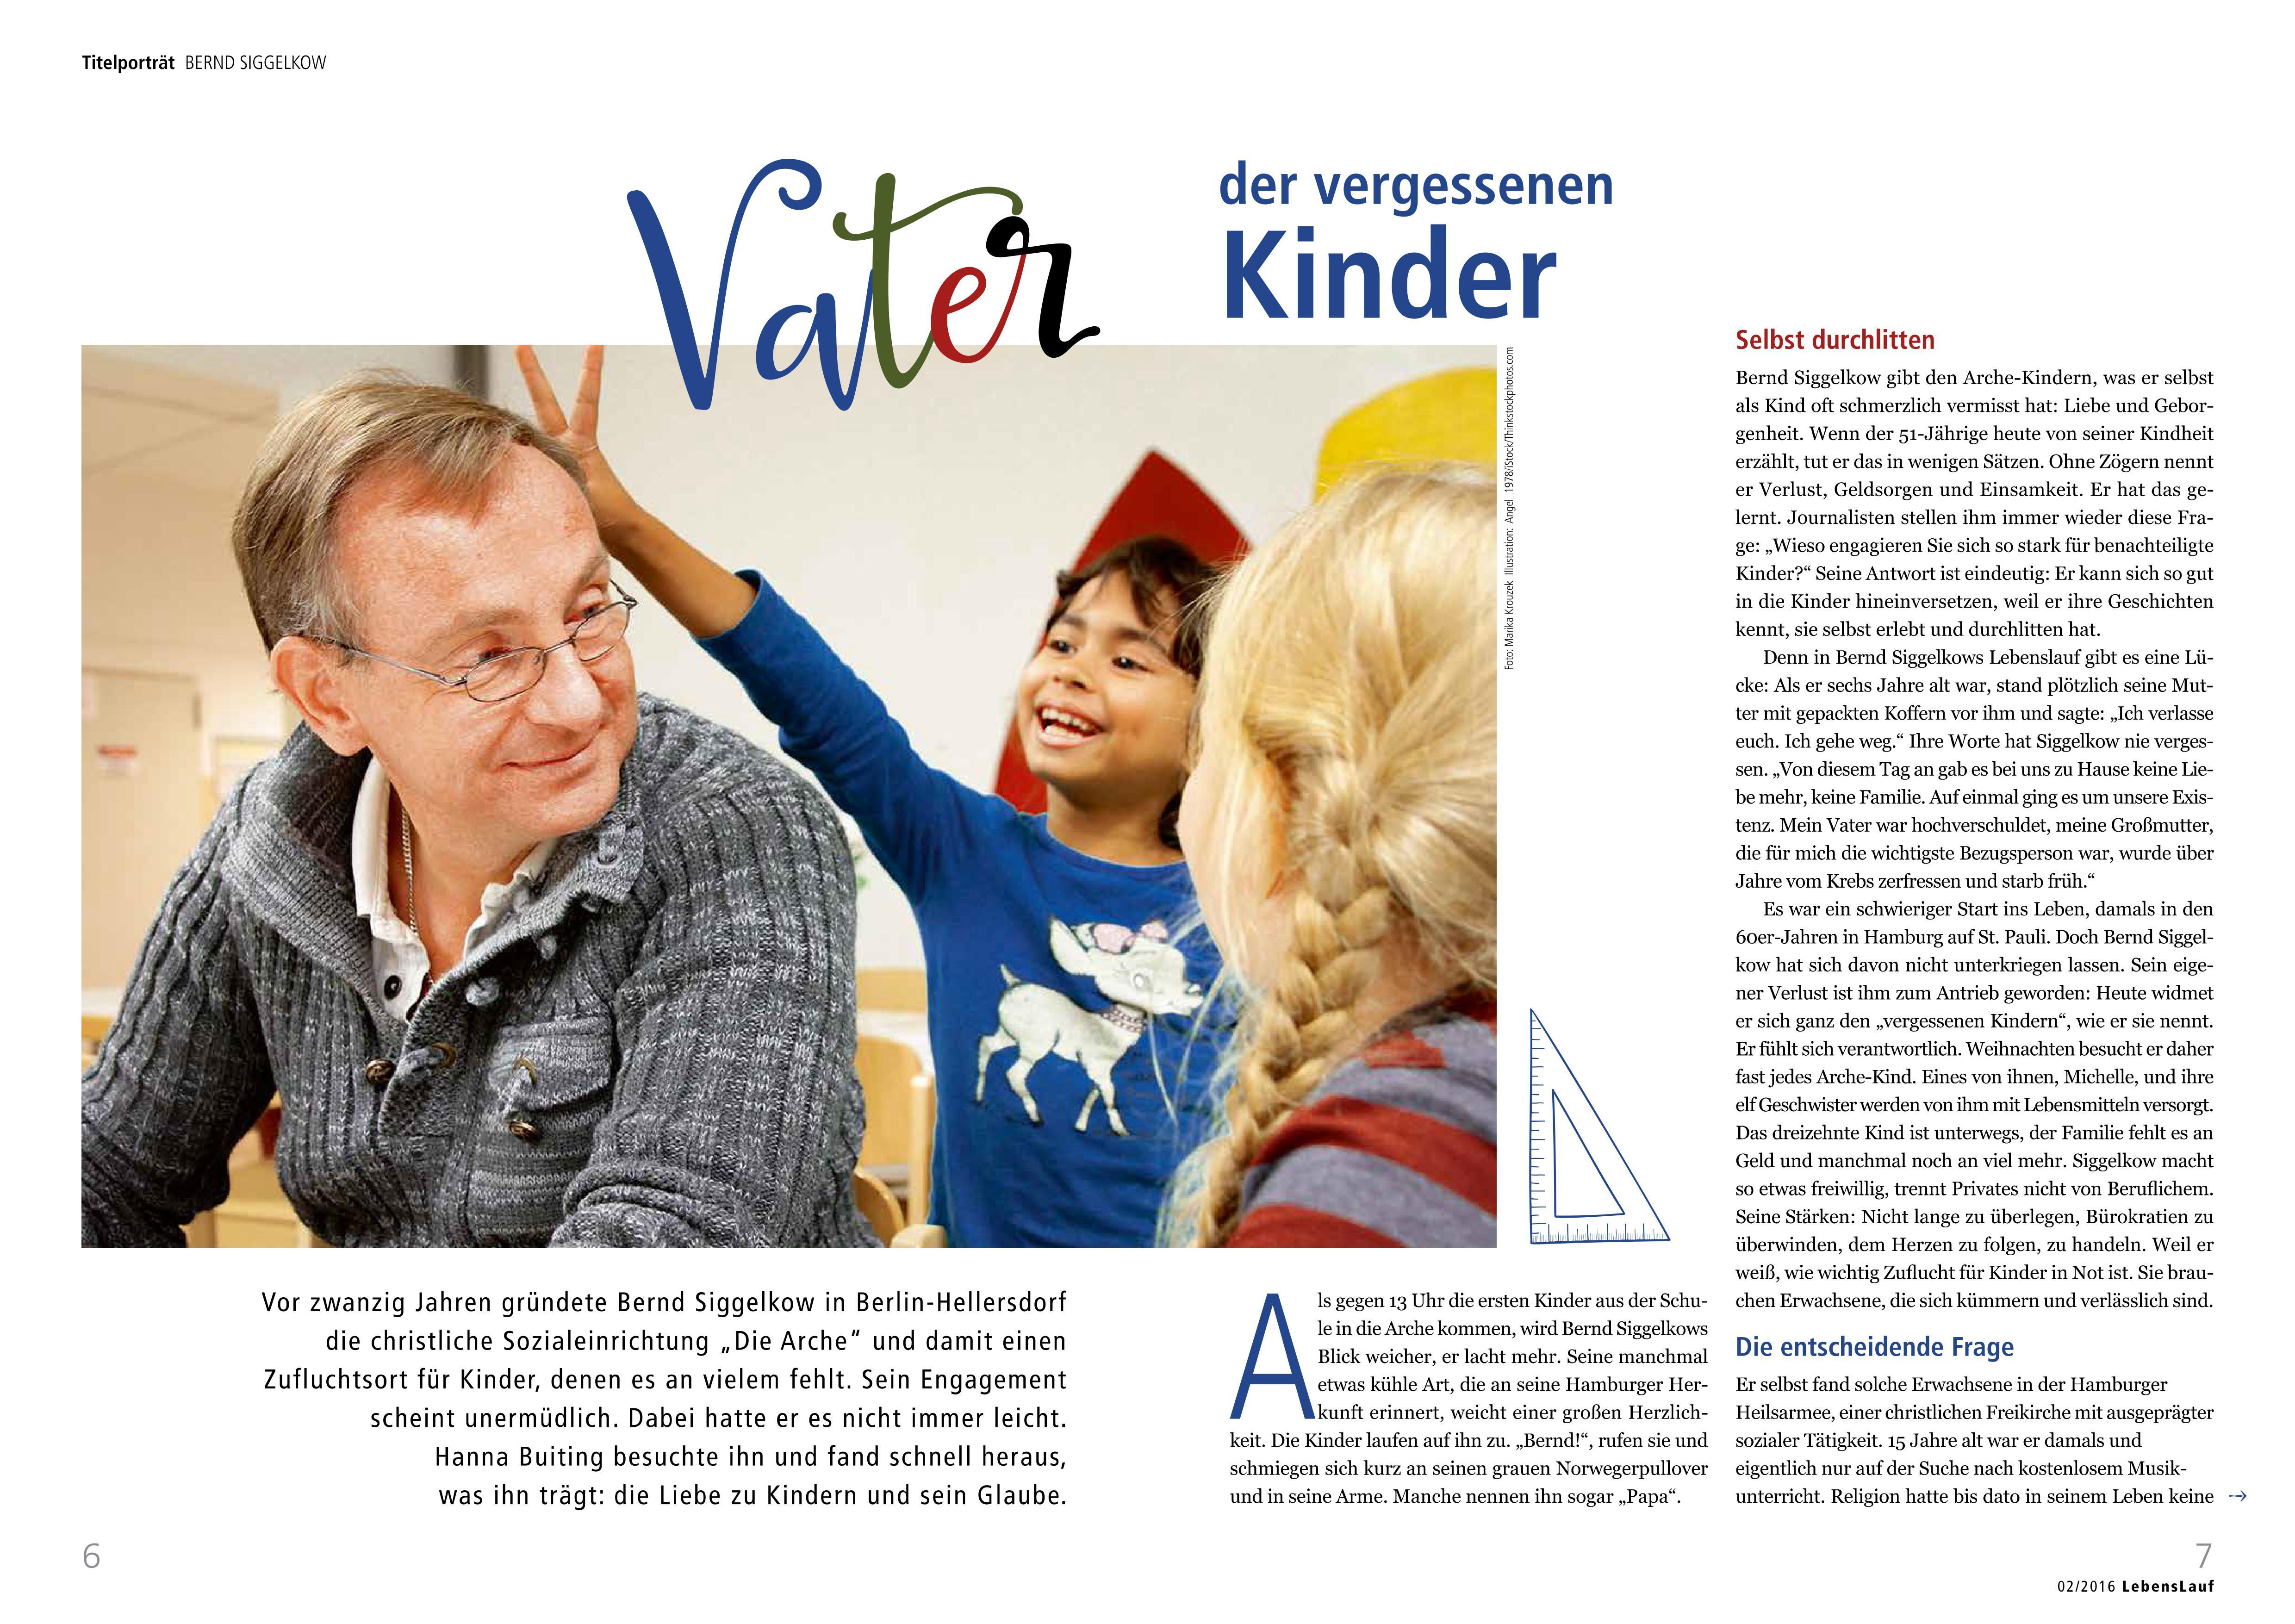 Vater der vergessenen Kinder – hannabuiting.de